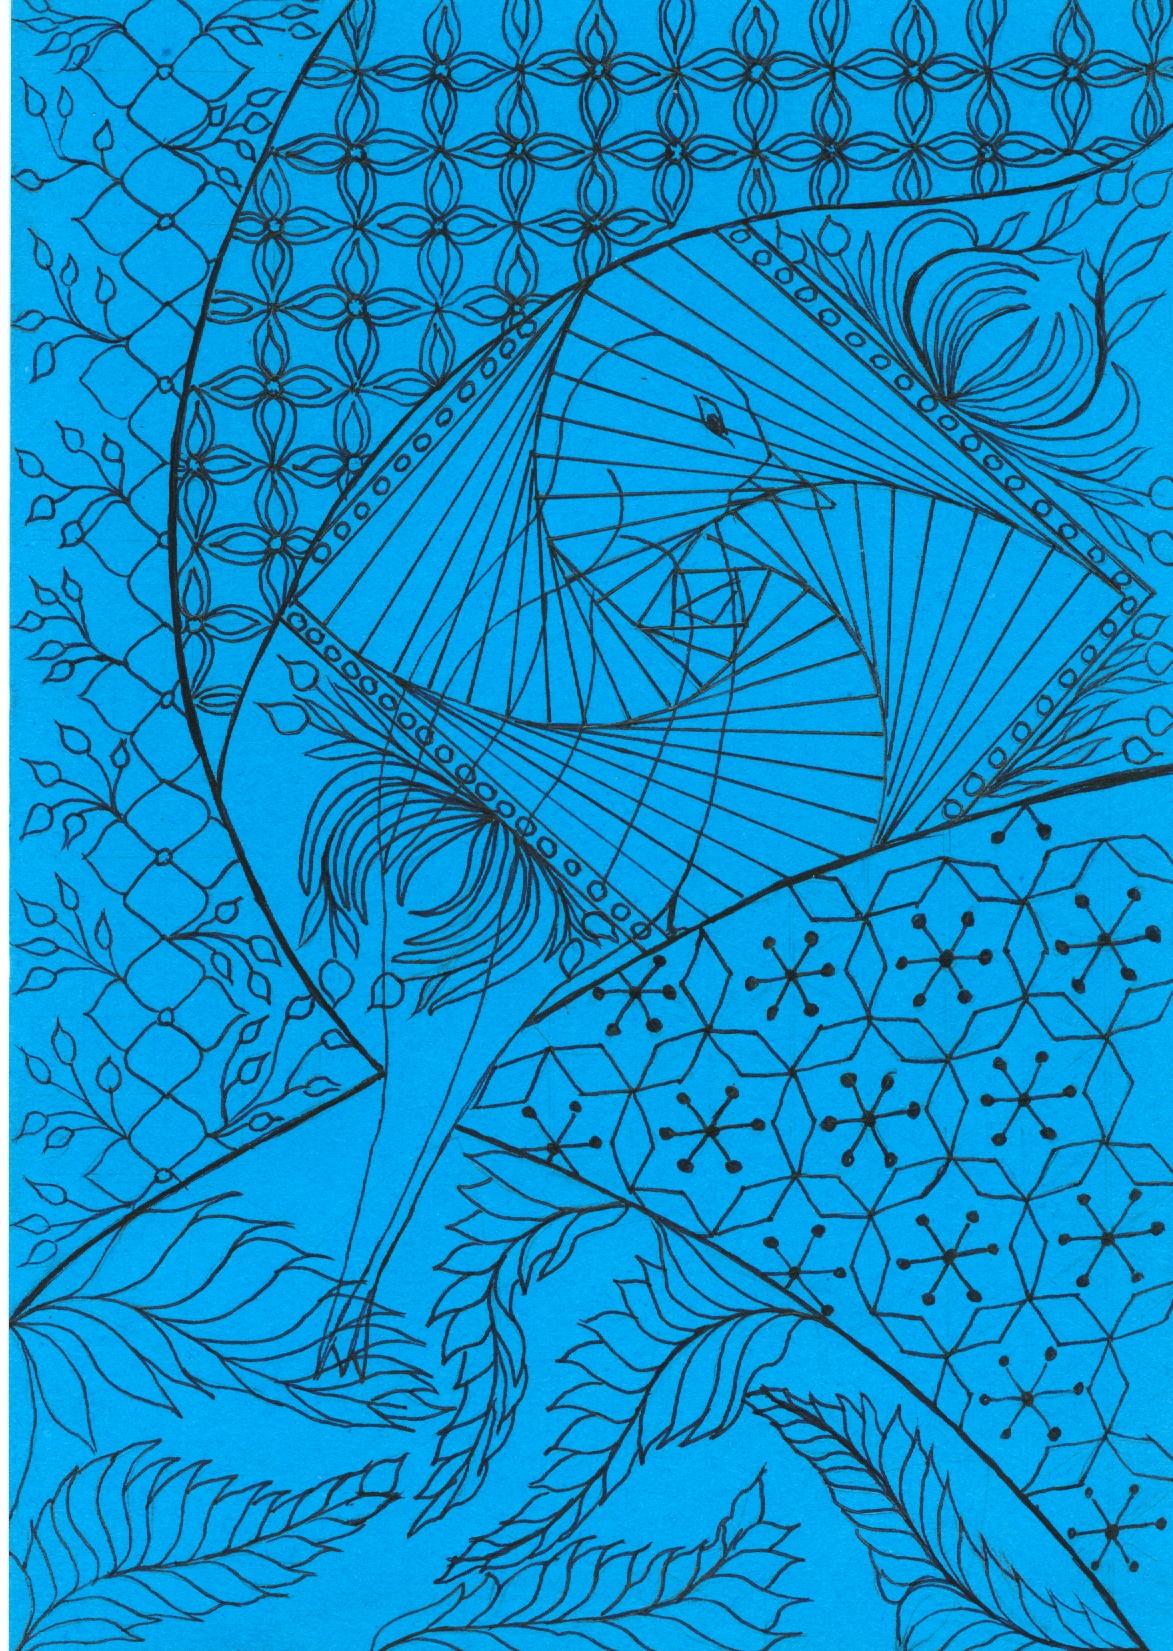 zentangle tekenen, vrije ontwerp met eend of zwaan